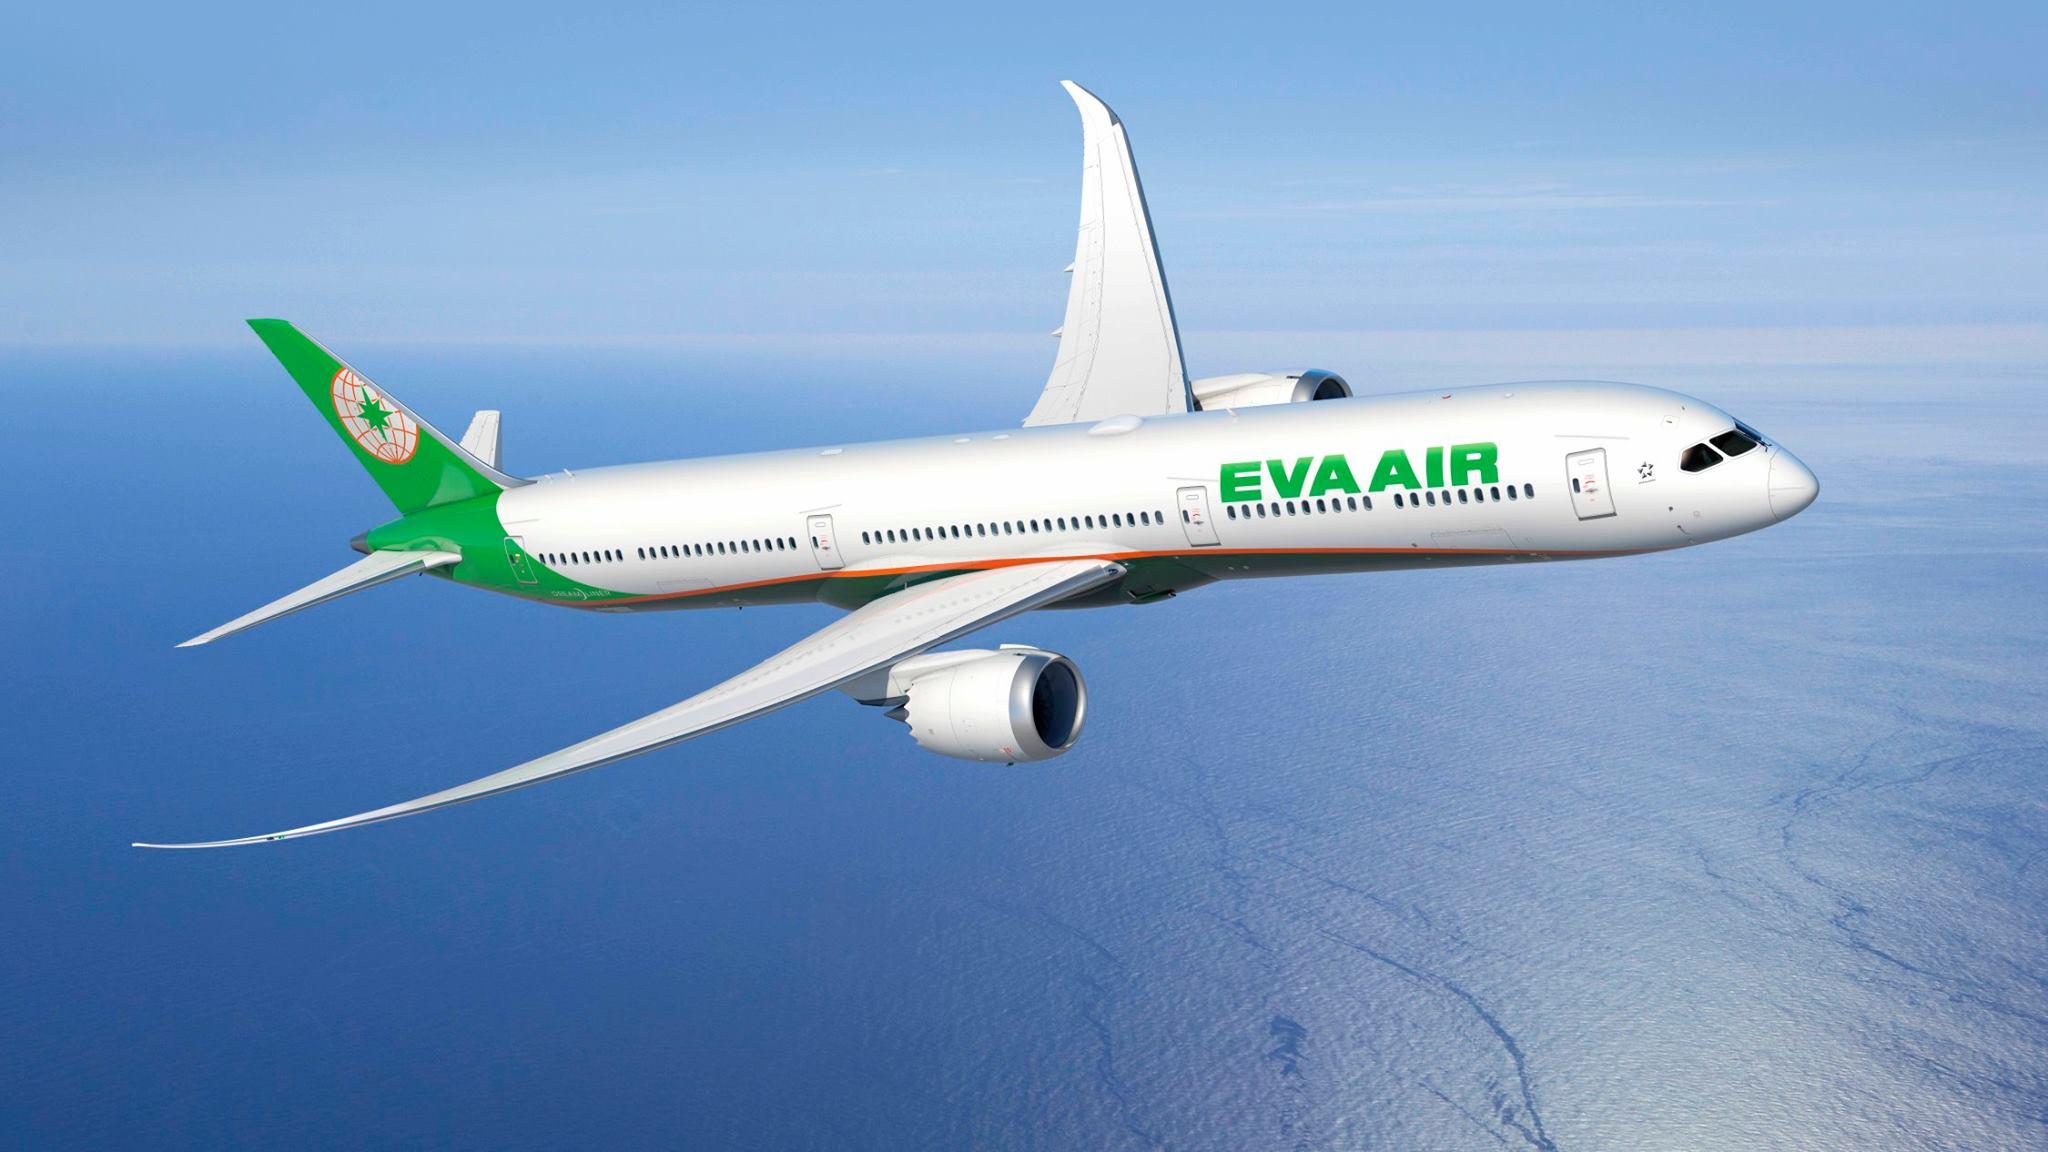 Mạng lưới đường bay của hãng hàng không Eva Air